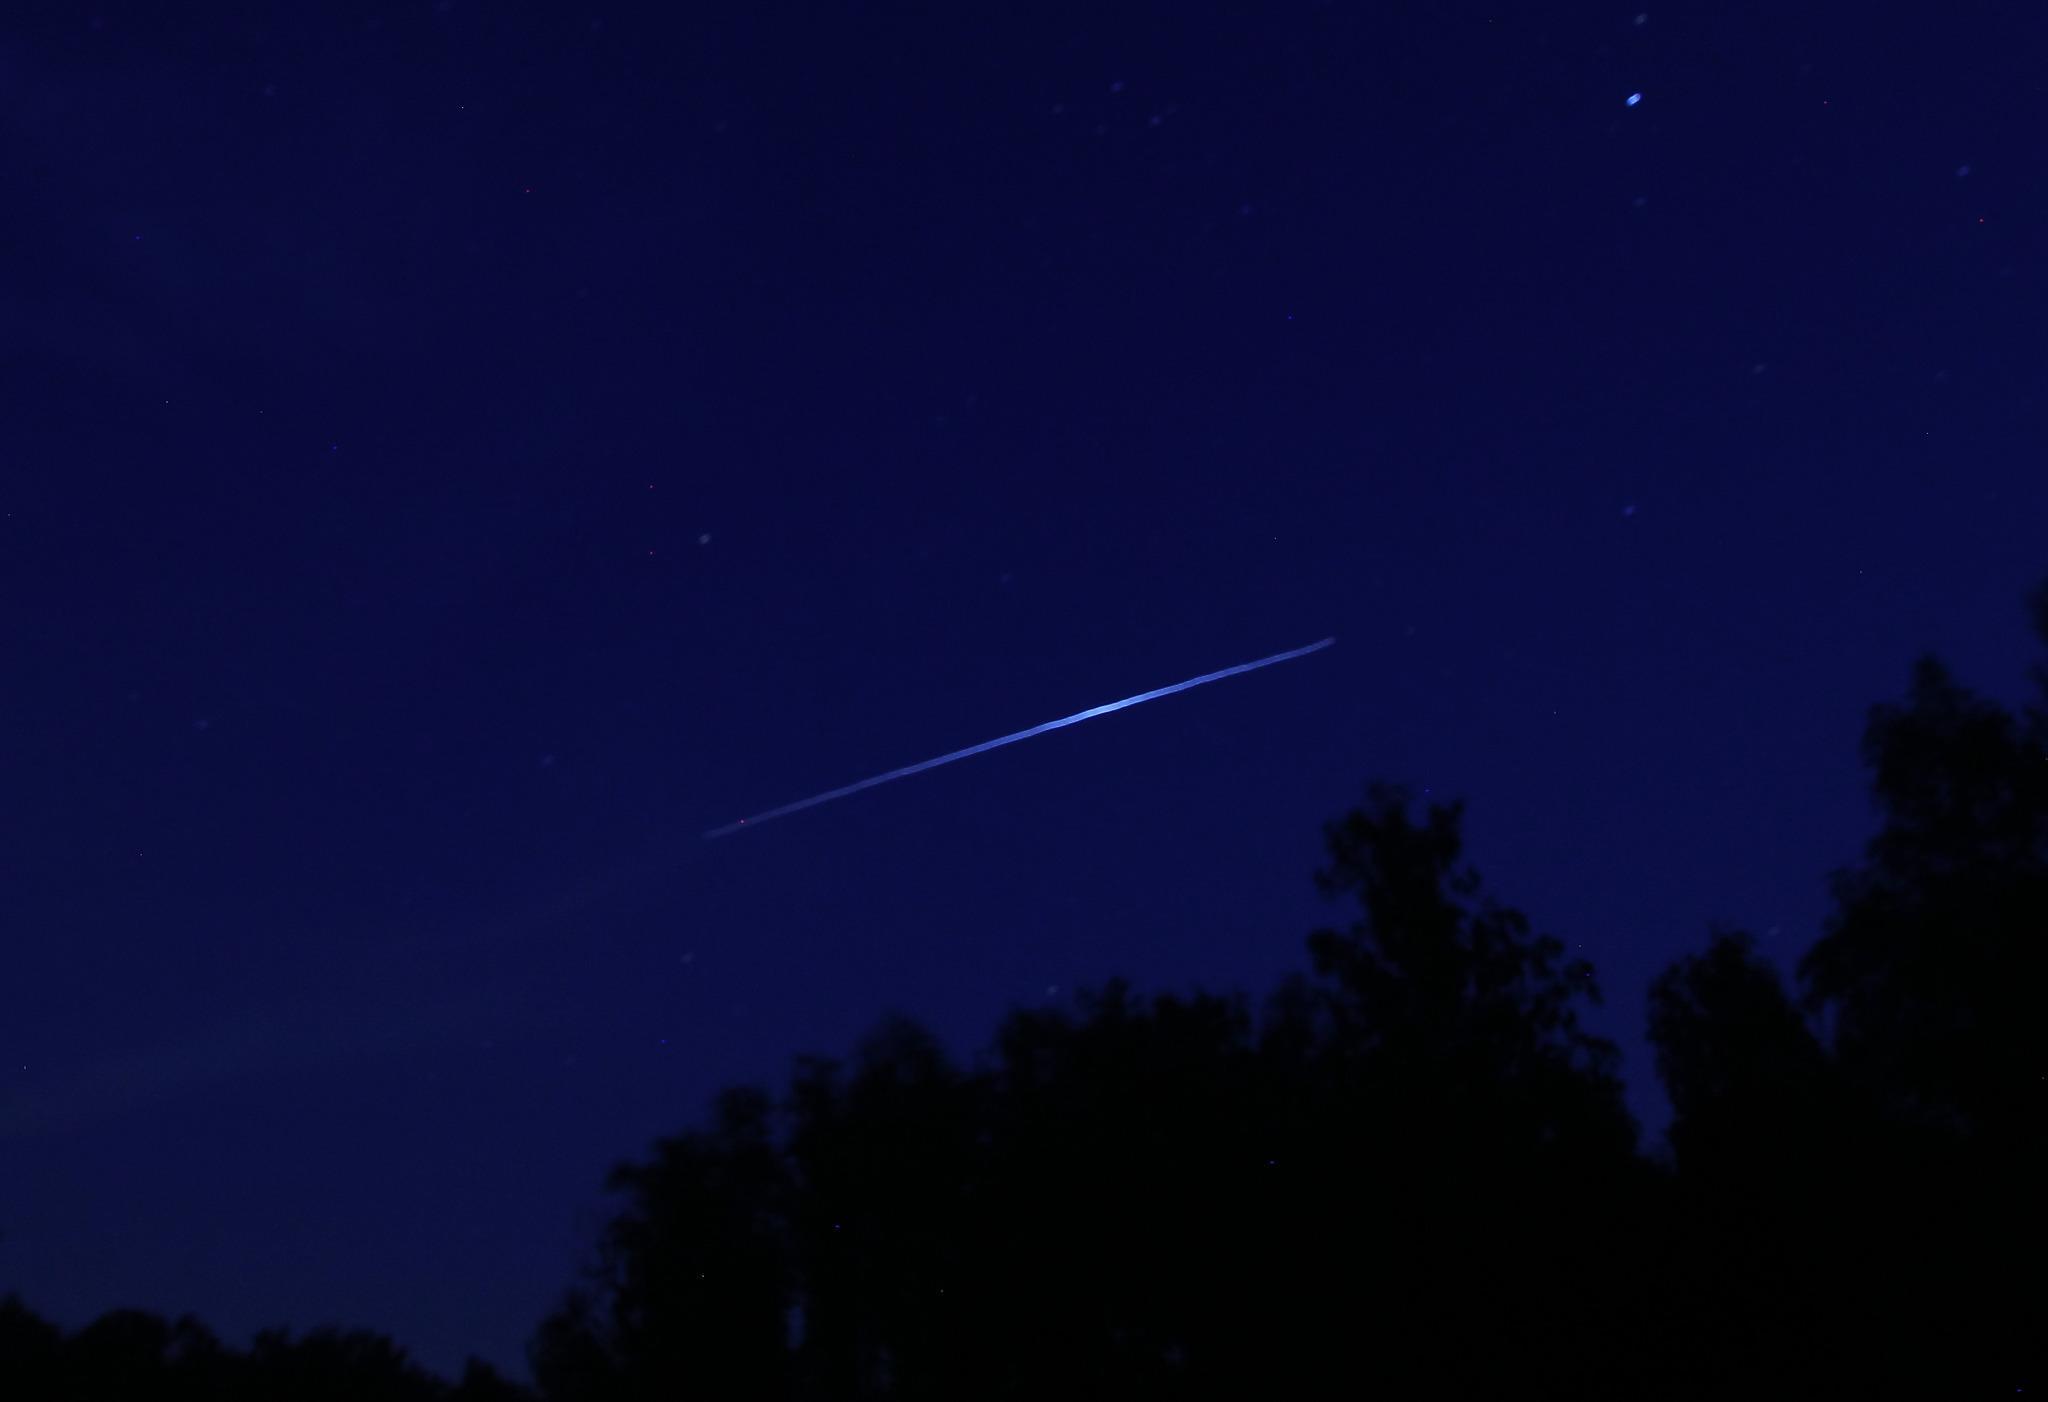 как выглядит спутник с земли ночью фото одно